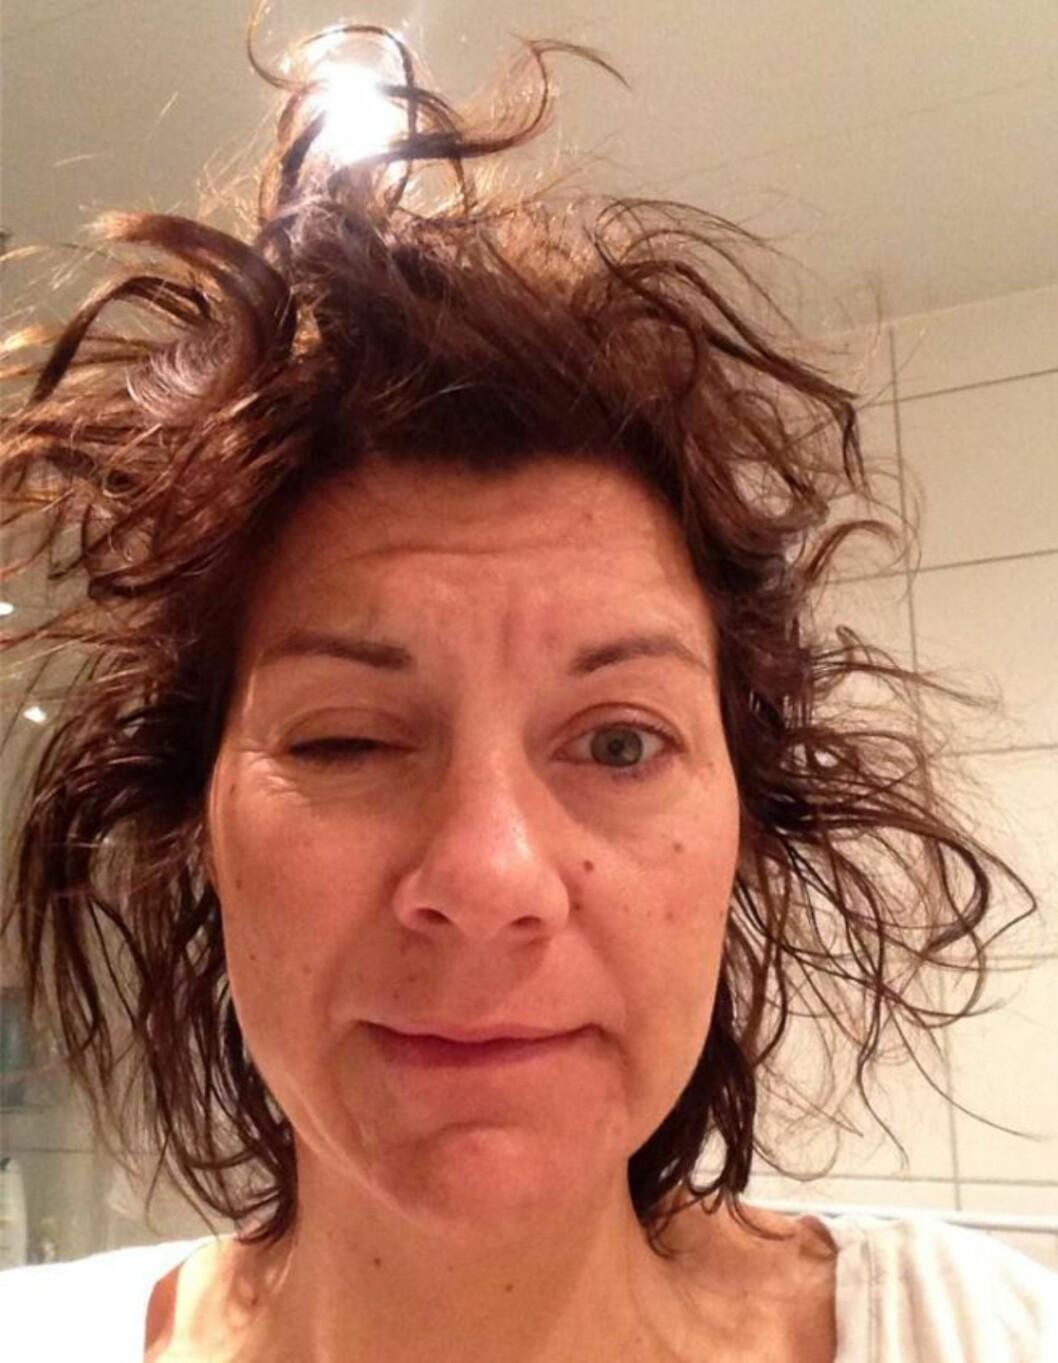 BUSTETE SVEIS: Dette er grunnen til at jeg må dusje hver morgen, sier Camilla Marie. Foto: Privat